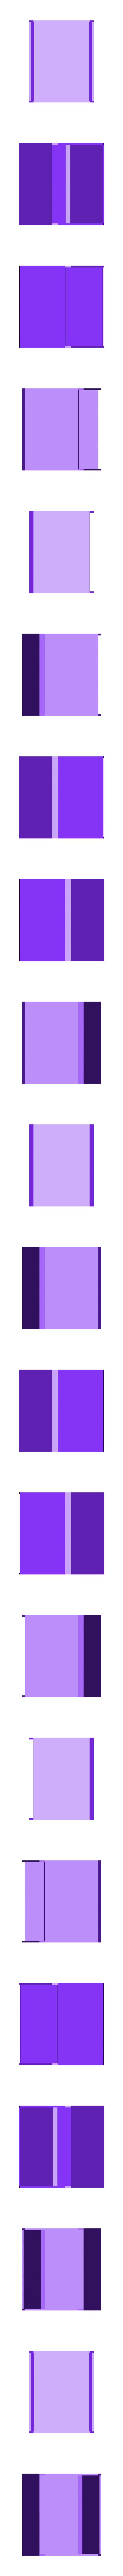 Drawer.stl Télécharger fichier STL Tiroirs modulaires 2.0 • Modèle pour imprimante 3D, O3D